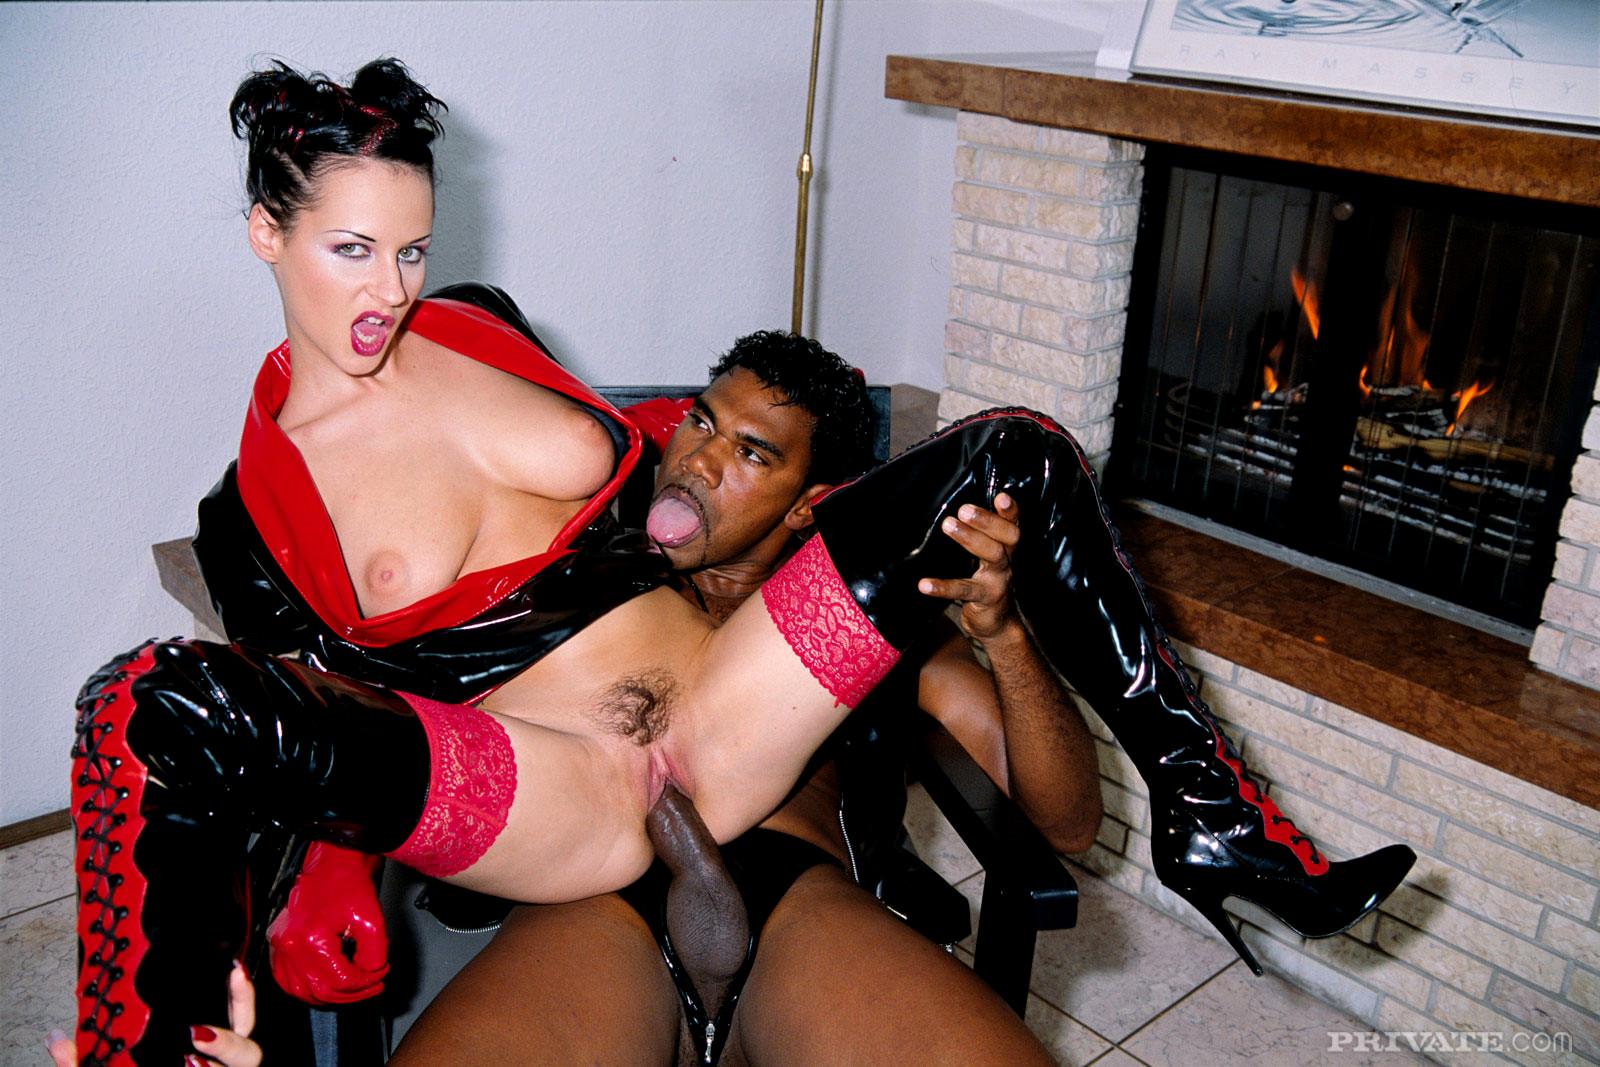 Русских трахают в сапогах, Секс в сапогах - подборка порно видео. Коллекция секс 30 фотография